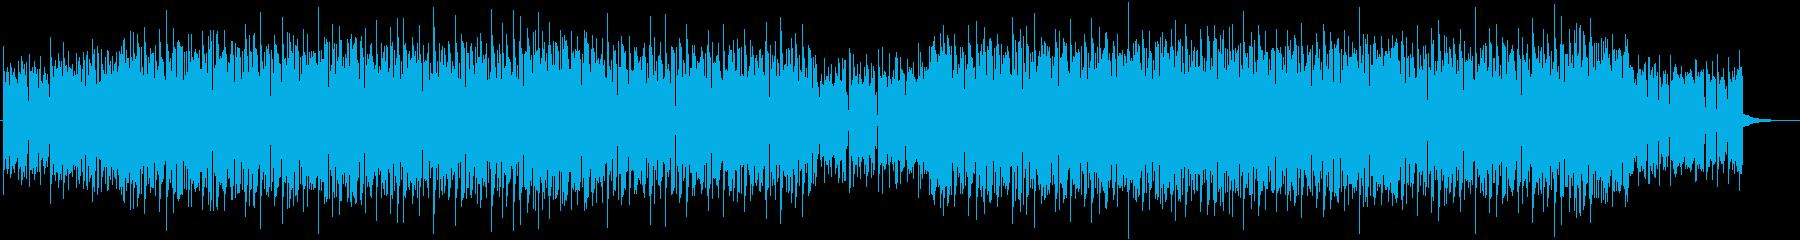 アッパーなピアノダンスミュージックの再生済みの波形